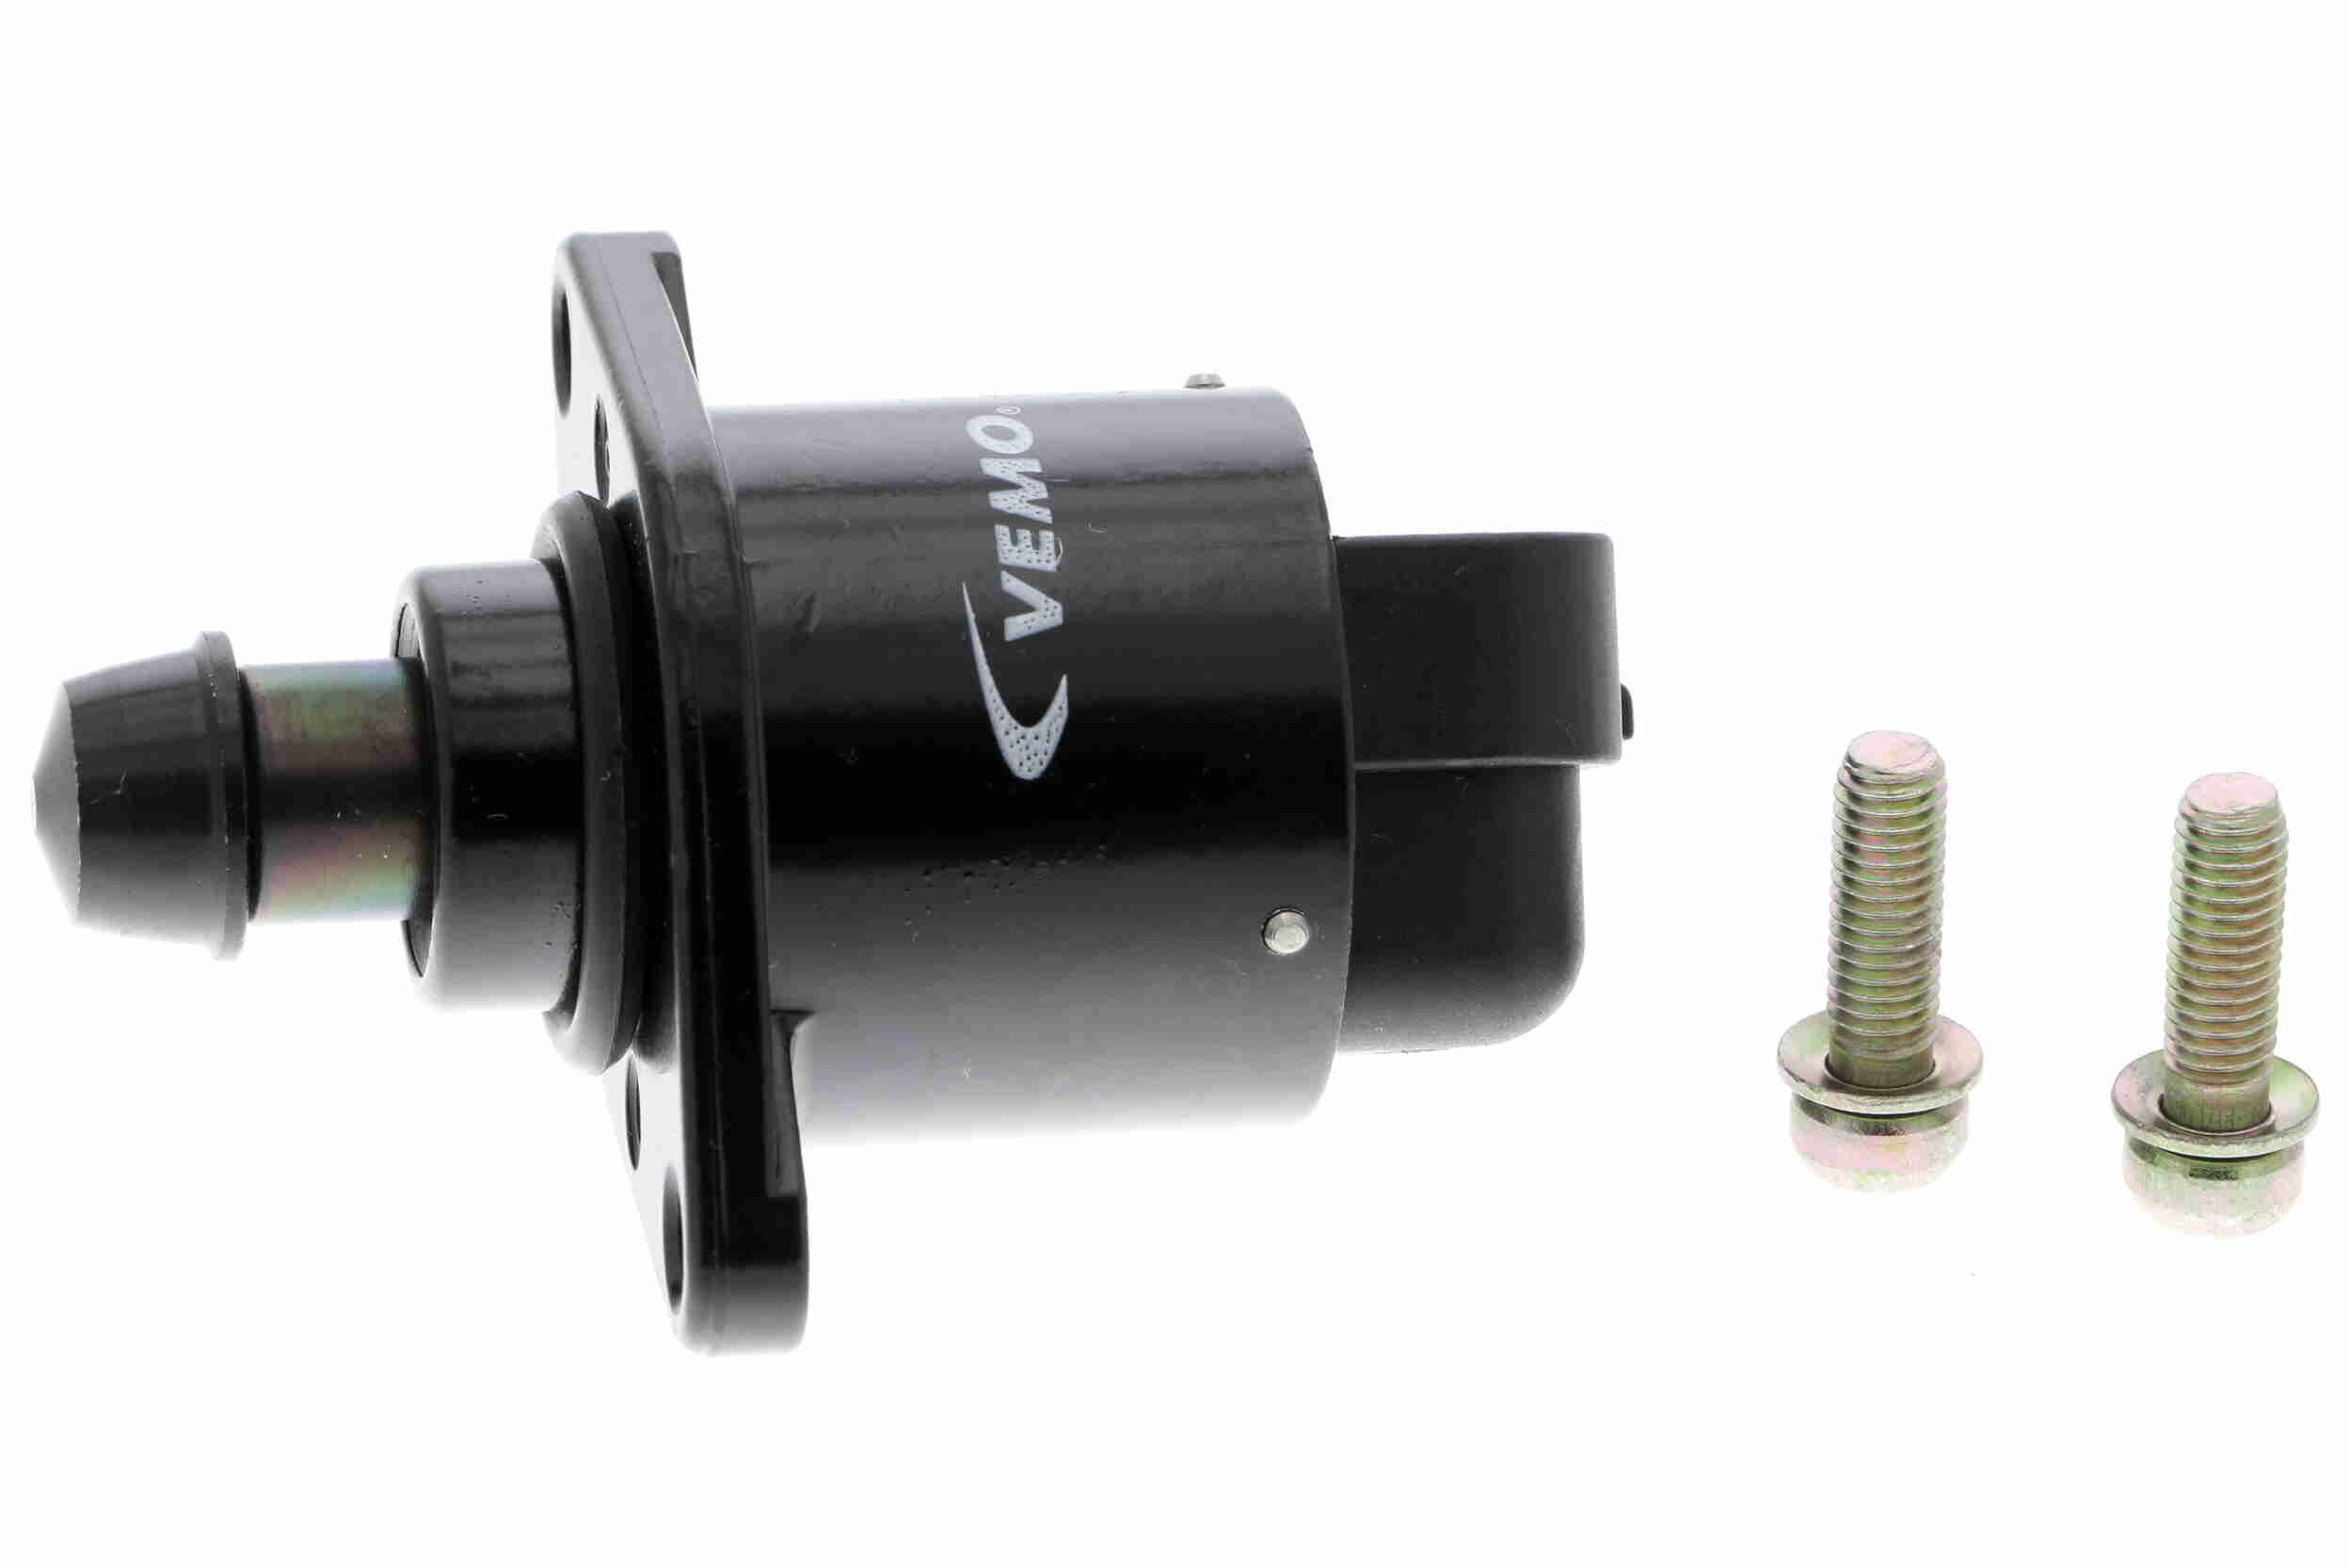 V46-77-0020 VEMO Valvola regolazione reg. minimo, Alimentazione aria - Compra online